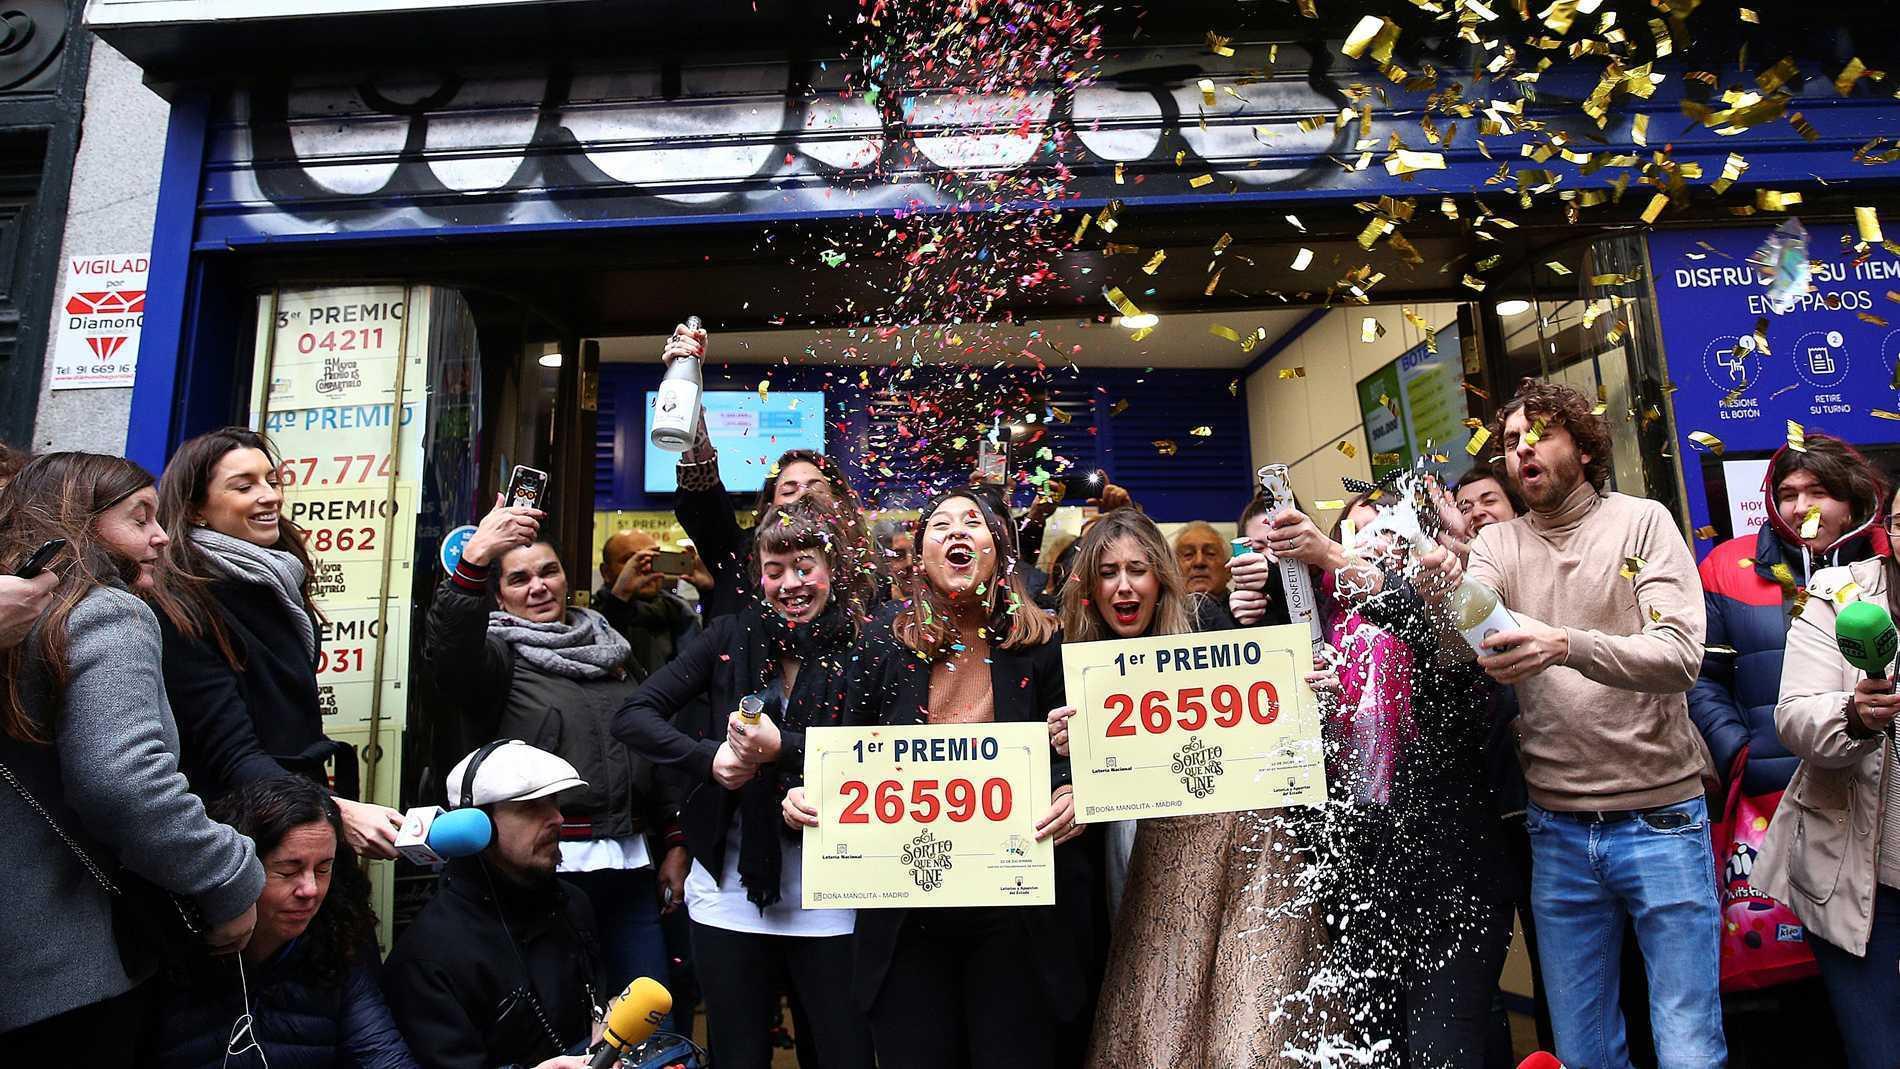 Loteria де navidad:  испанская рождественская лотерея | eurojackpot